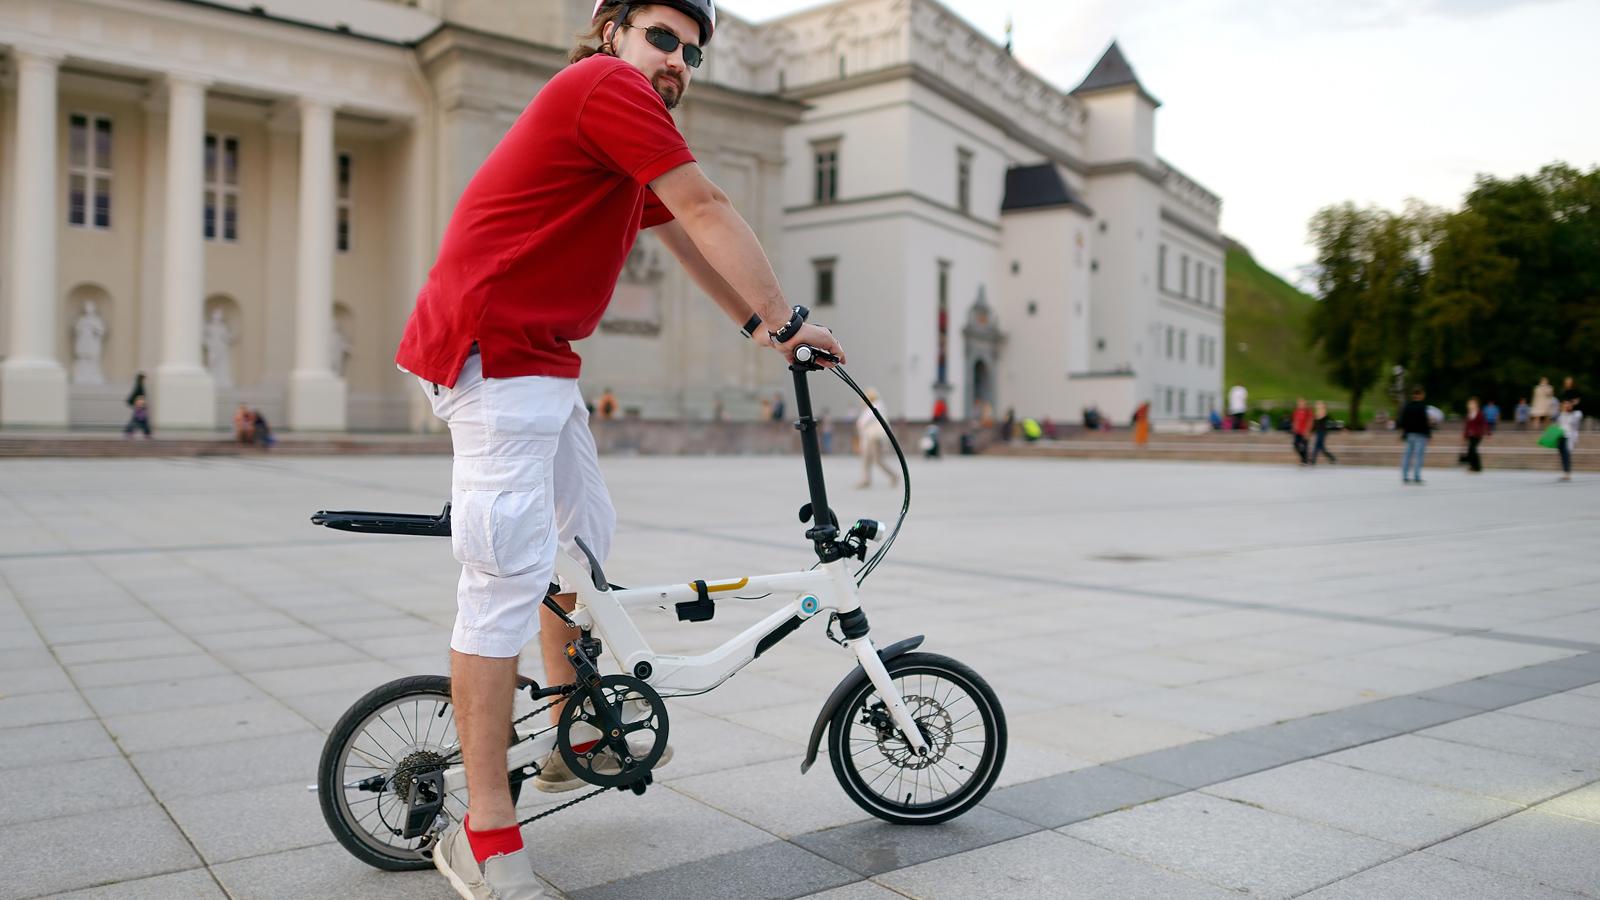 Bici Pieghevole Trasportabile.Bici Pieghevoli Come Sceglierle